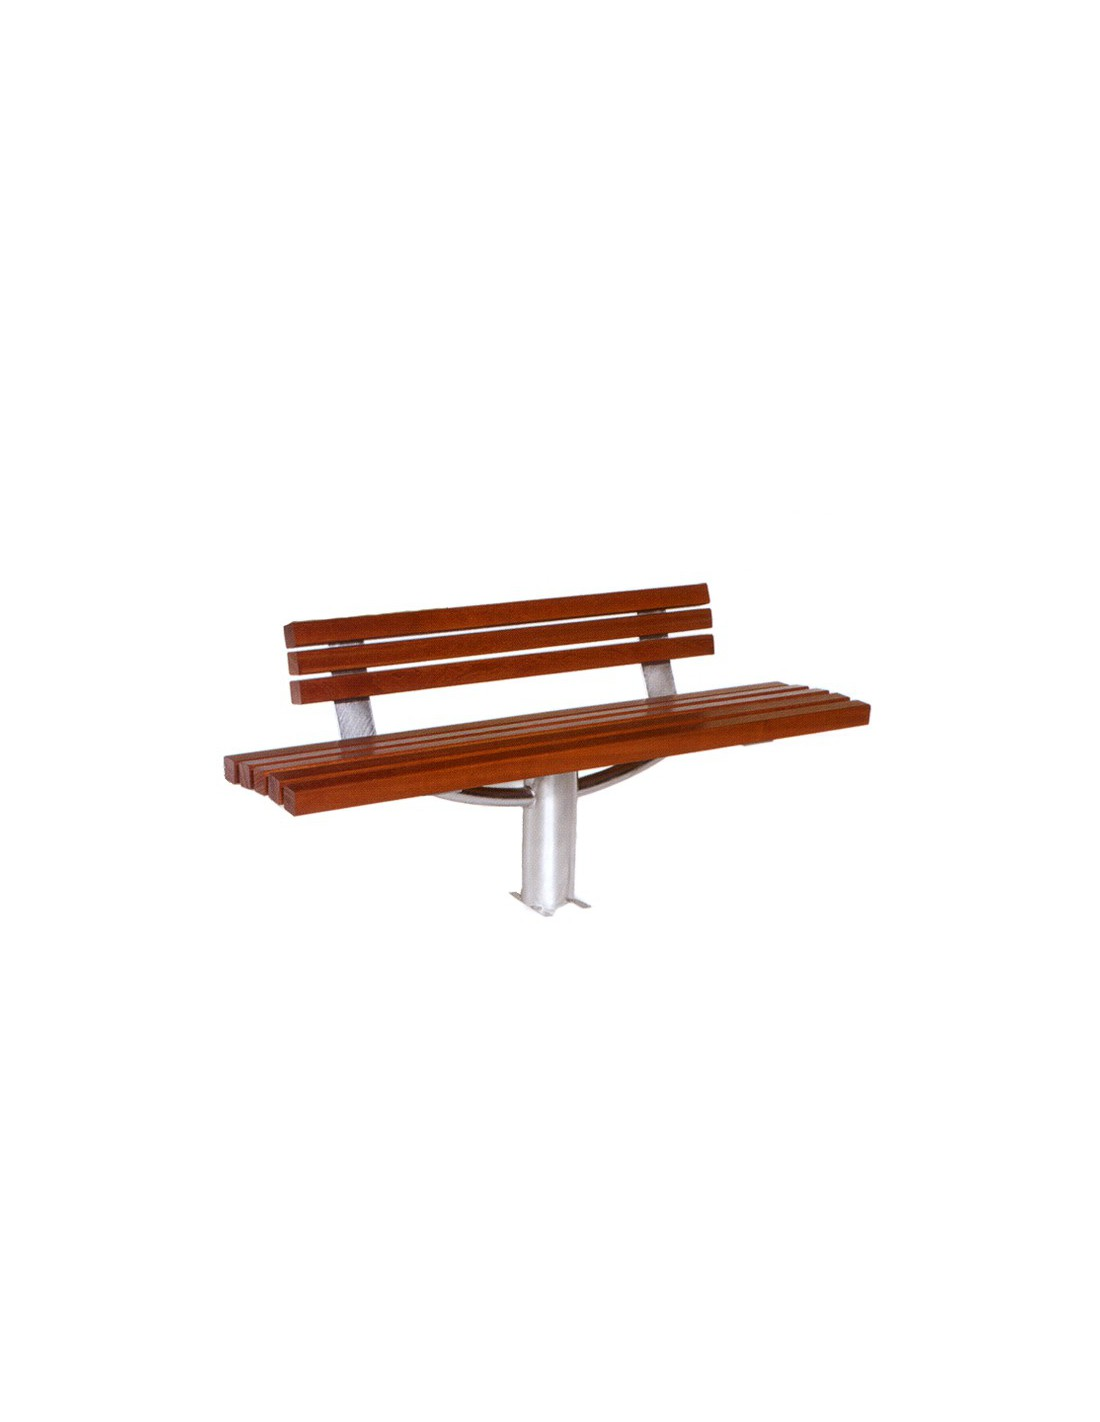 banc acier et bois diana le mobilier urbain. Black Bedroom Furniture Sets. Home Design Ideas